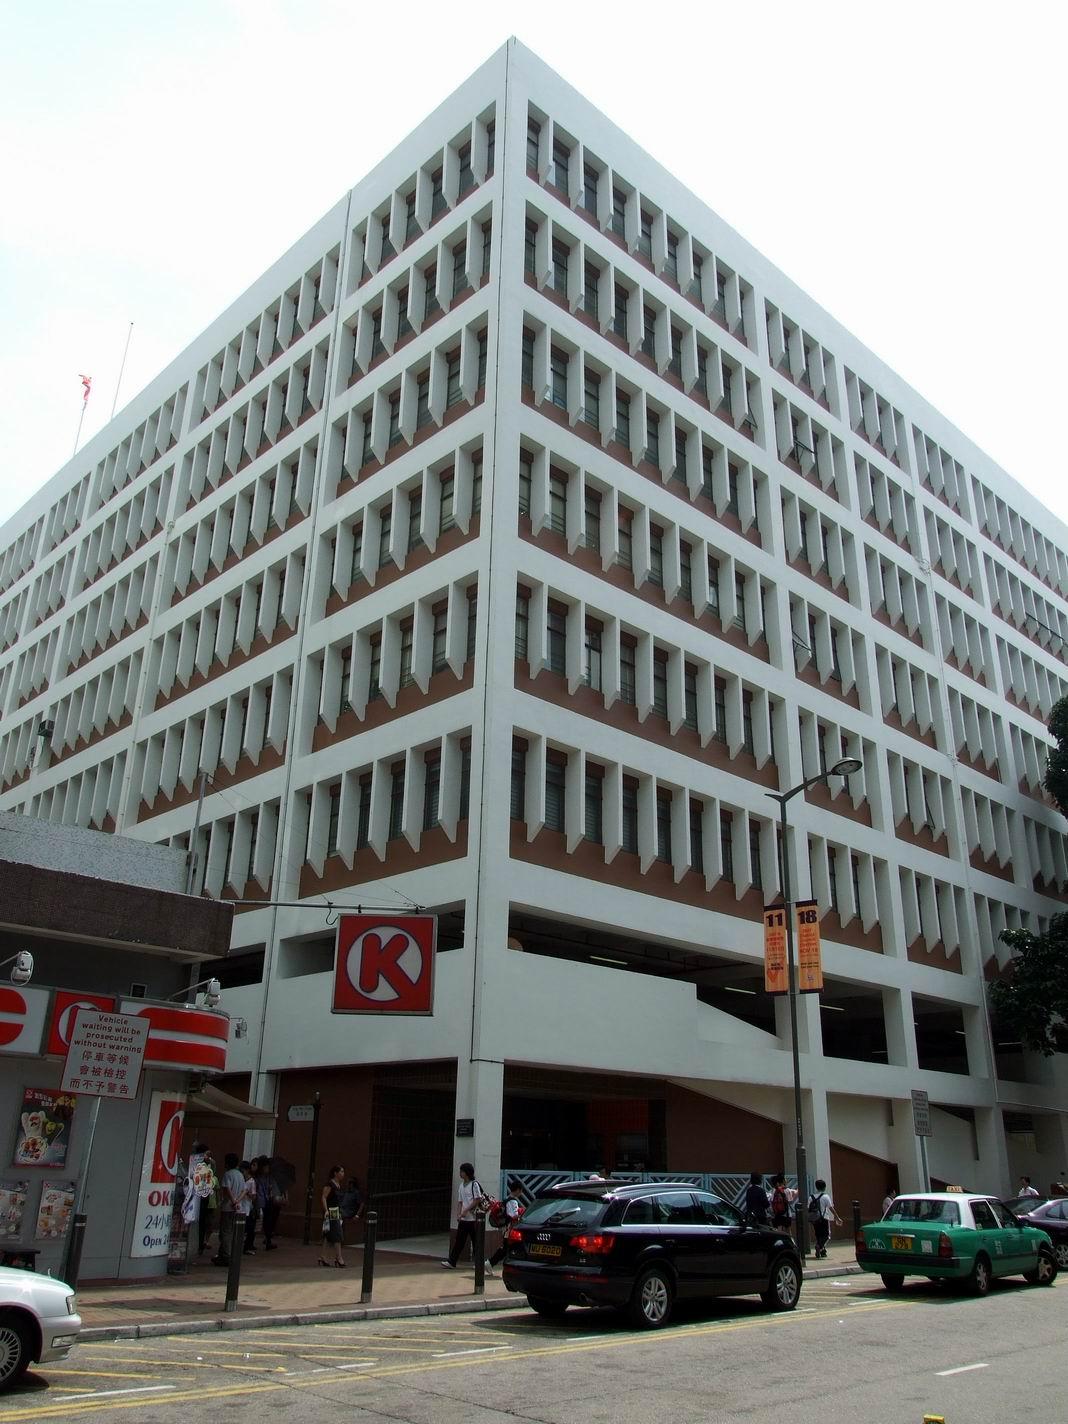 西貢公共圖書館 - 維基百科,自由嘅百科全書